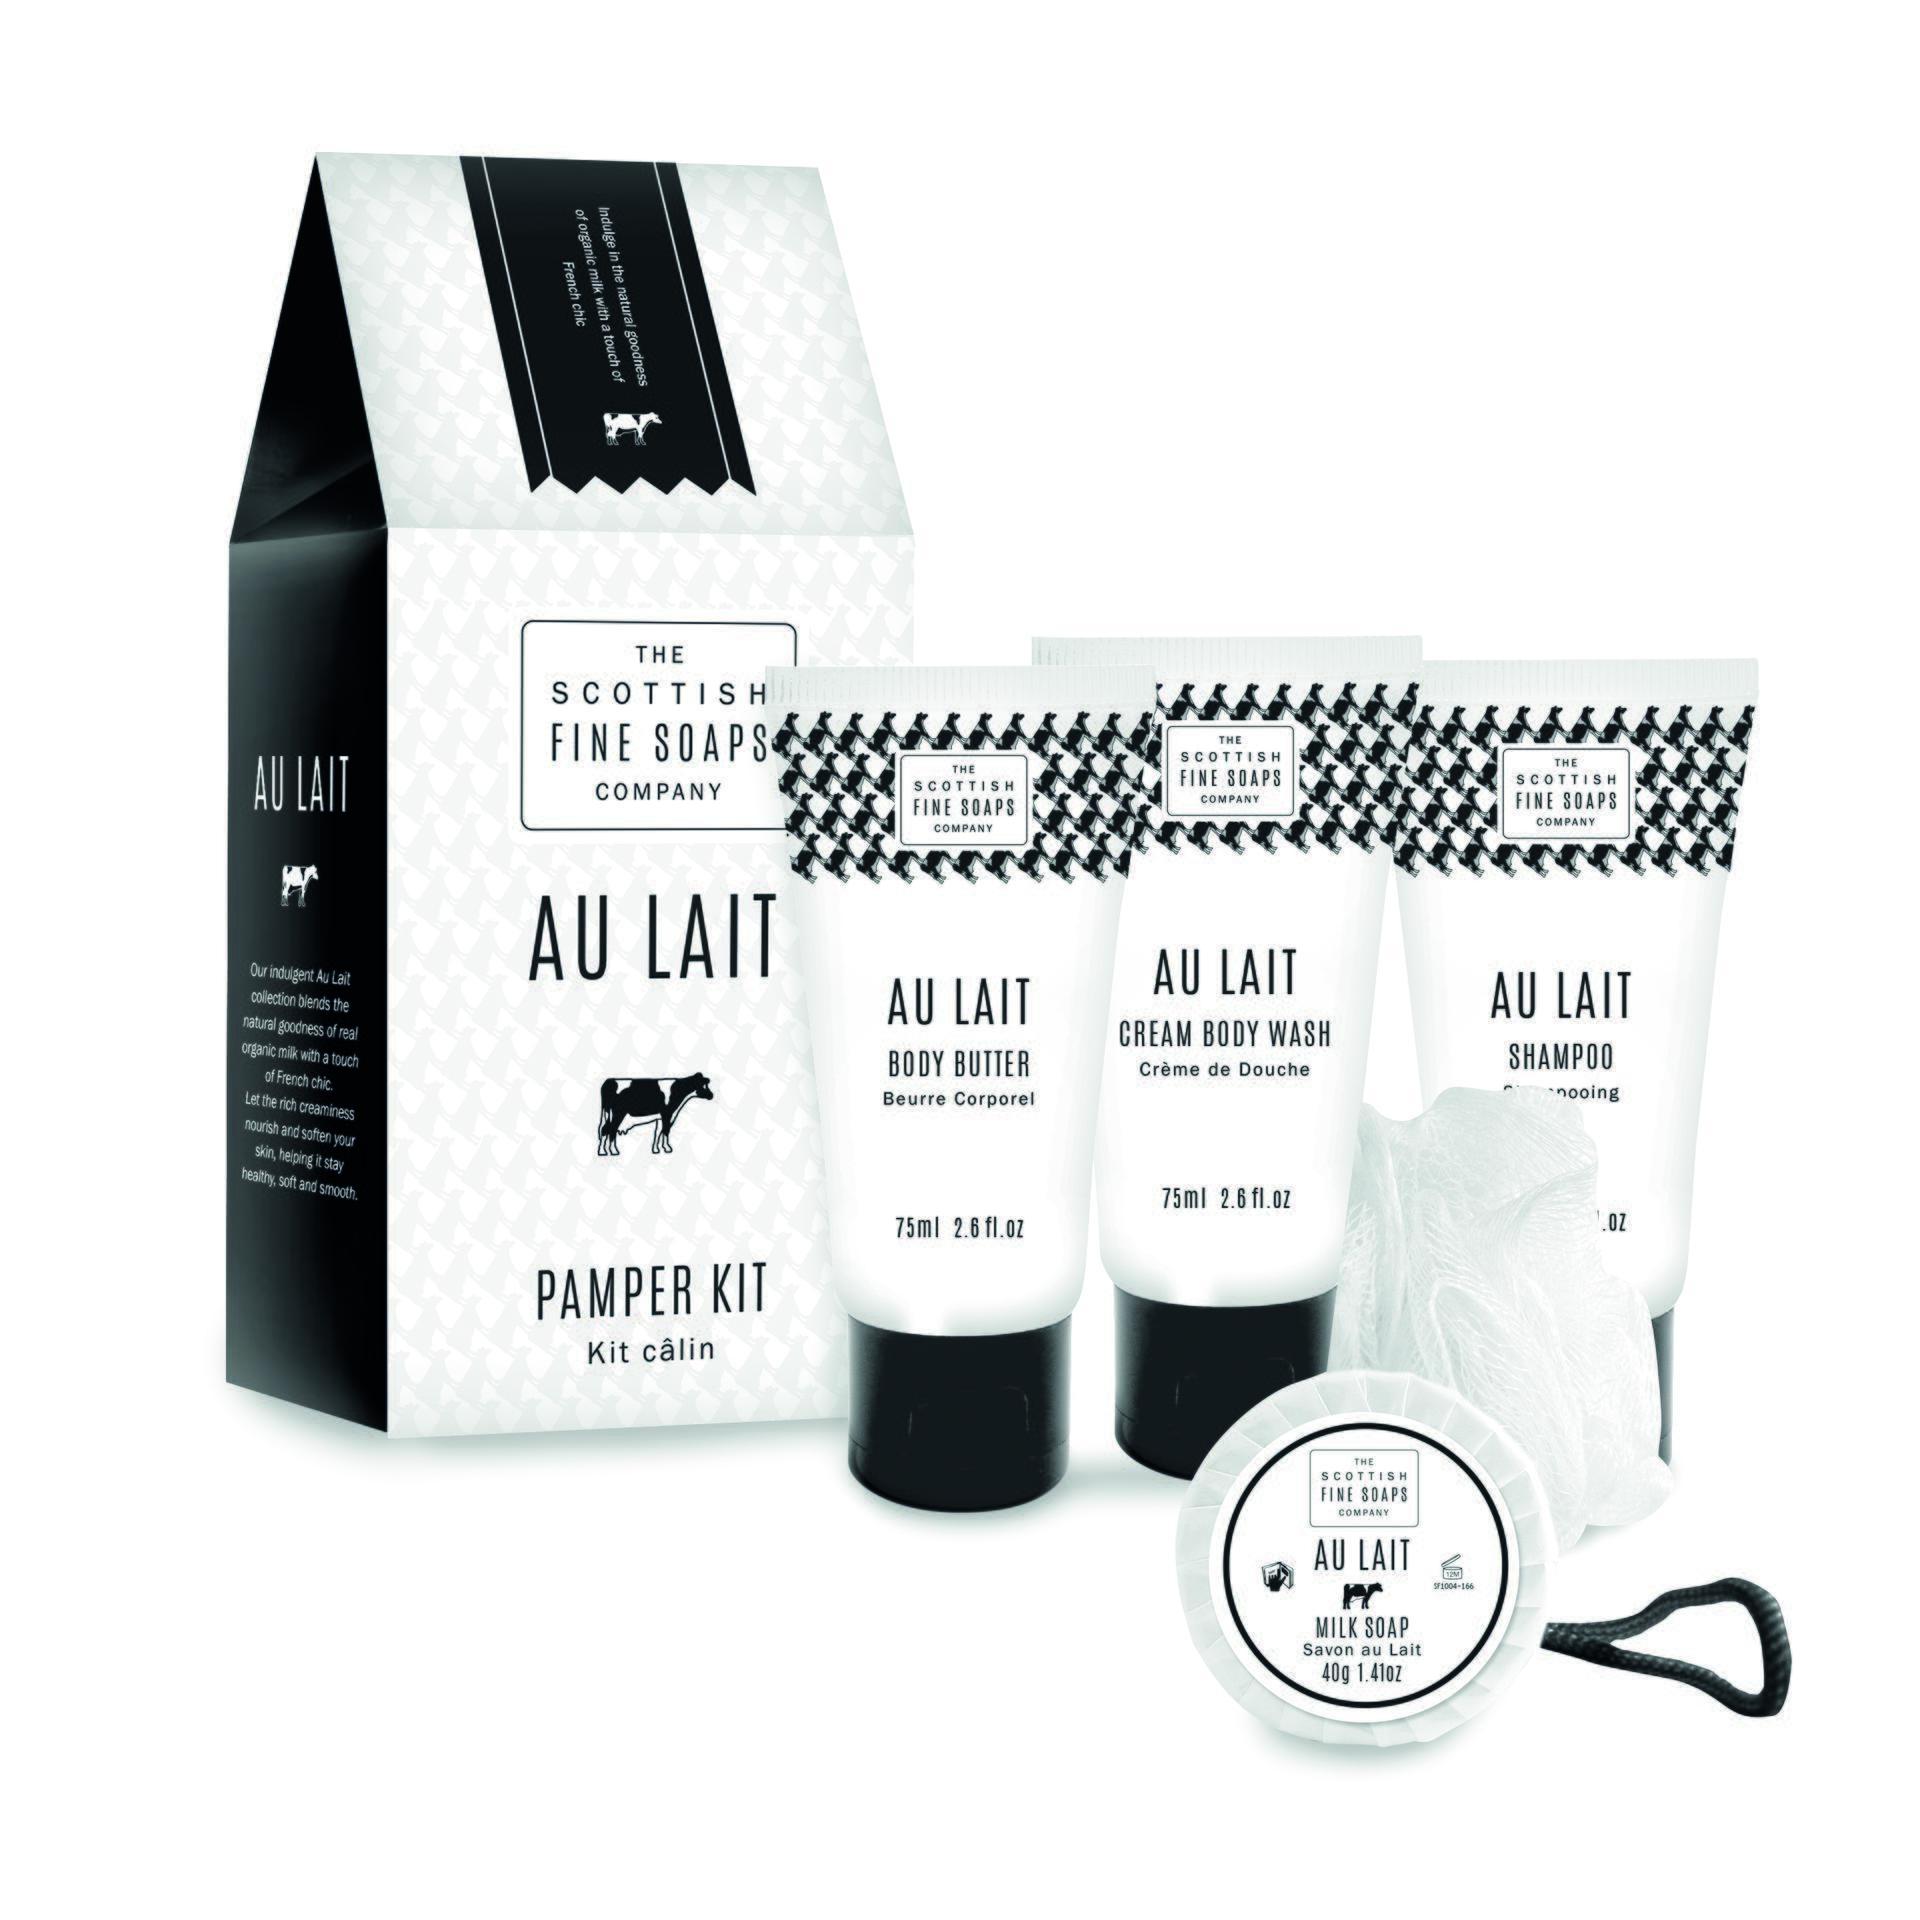 SCOTTISH FINE SOAPS Malý dárkový balíček AU LAIT, černá barva, bílá barva - Scottish Fine Soaps Au Lait tělové máslo 75 ml + sprchový gel 75 ml + šampon 75 ml + mýdlo 40 g + žíňka dárková sada